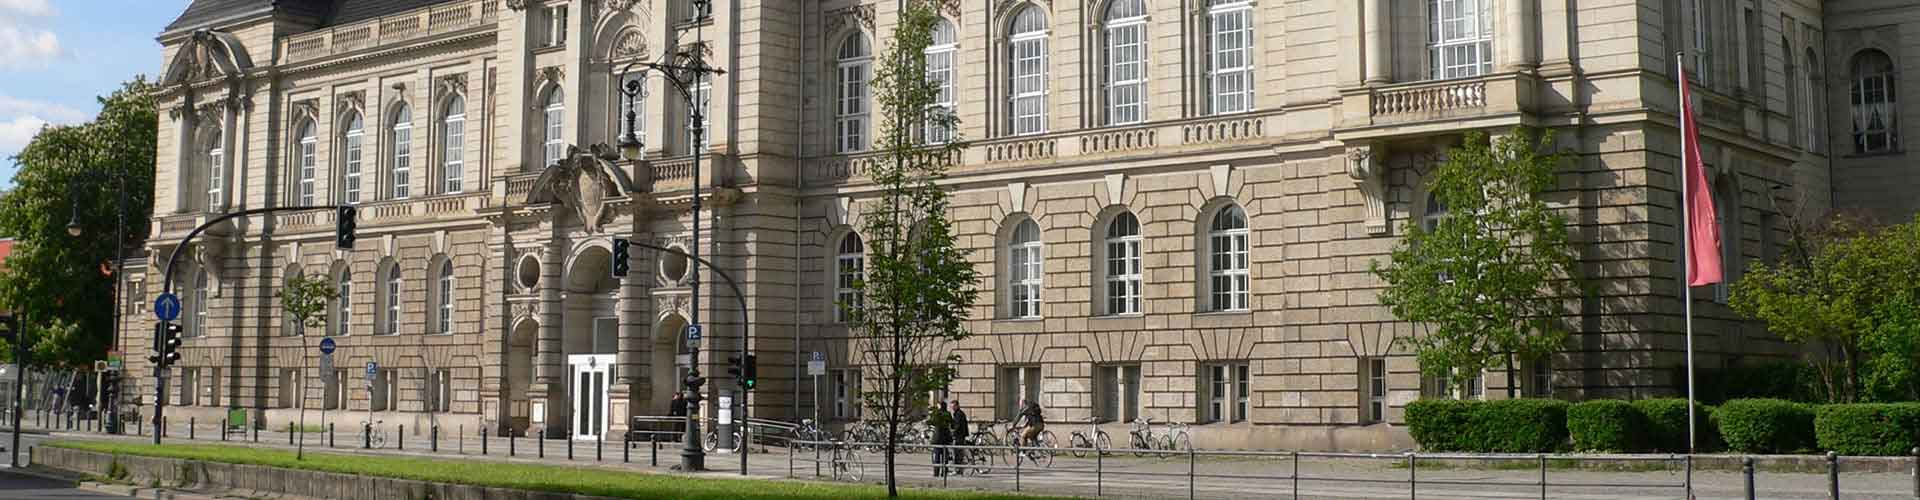 Berlin - Auberges de jeunesse dans le quartier de Berzik Charlottenburg. Cartes pour Berlin, photos et commentaires pour chaque auberge de jeunesse à Berlin.